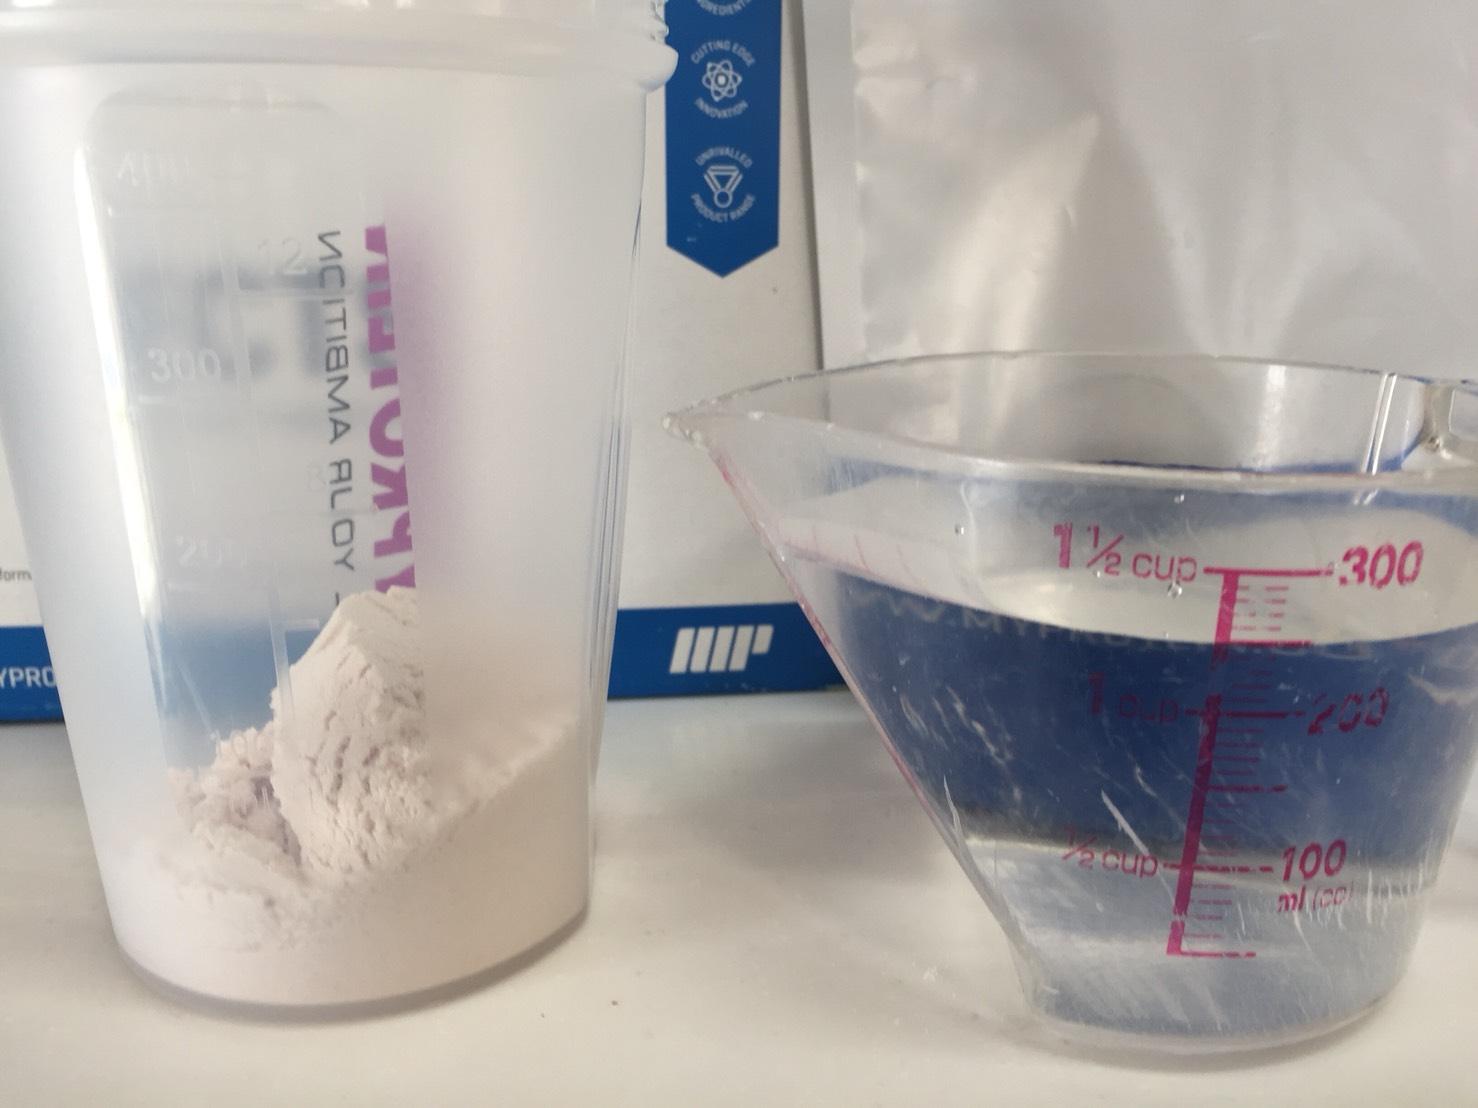 【WPI】マイプロテインのImpactホエイアイソレート「NATURAL STRAWBERRY FLAVOUR(ナチュラルストロベリー味)」を水で溶かしてみたレビュー。薄いストロベリー・オレのような甘い風味が広がるが、後味に苦みを感じる。